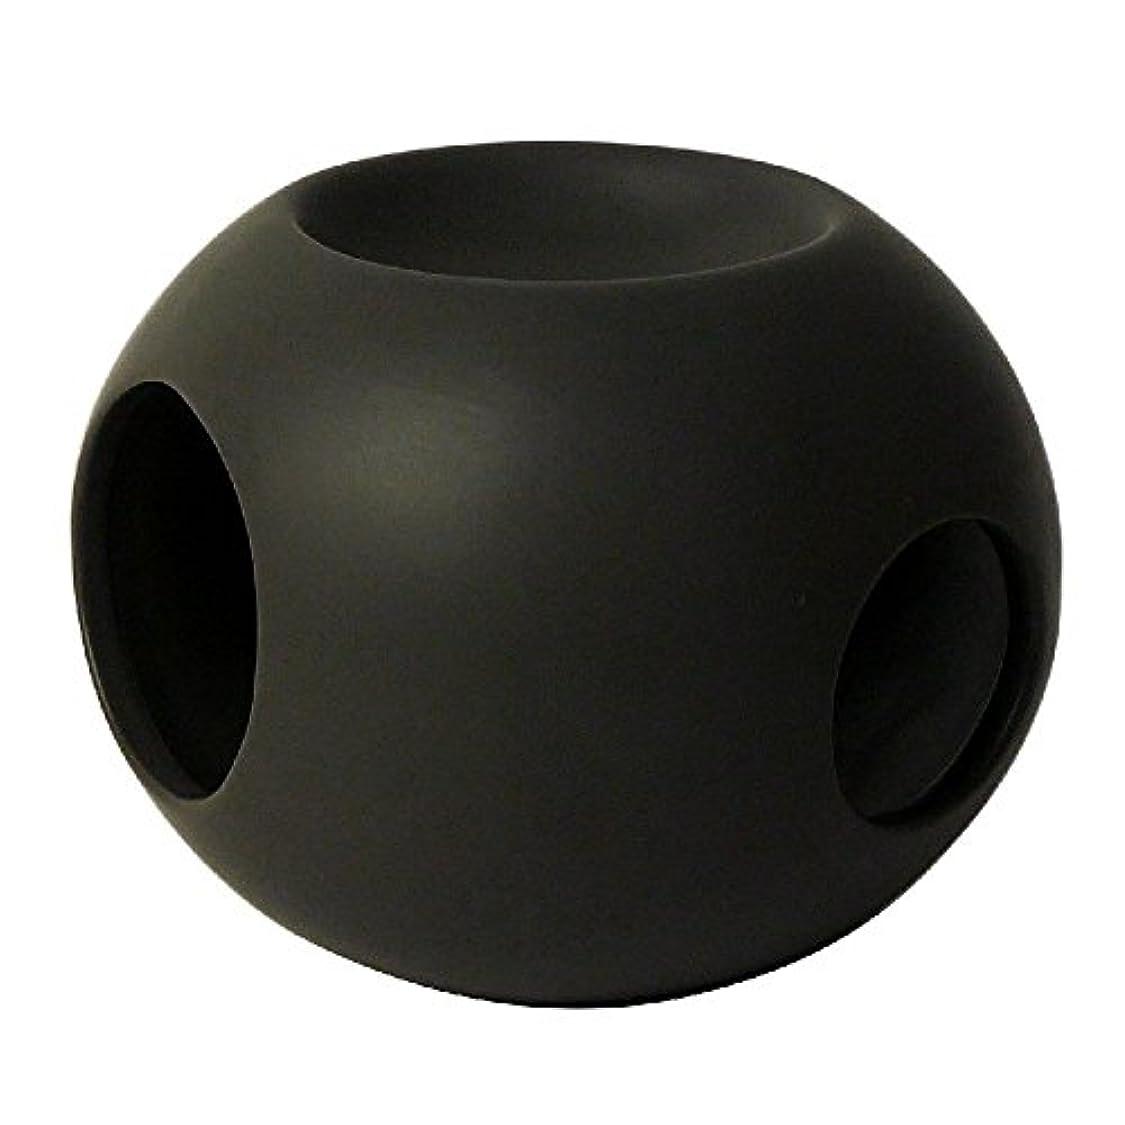 静かに情熱誰PASHA アロマポット Round Oil Ball エッセンシャルオイル ユーカリ付き